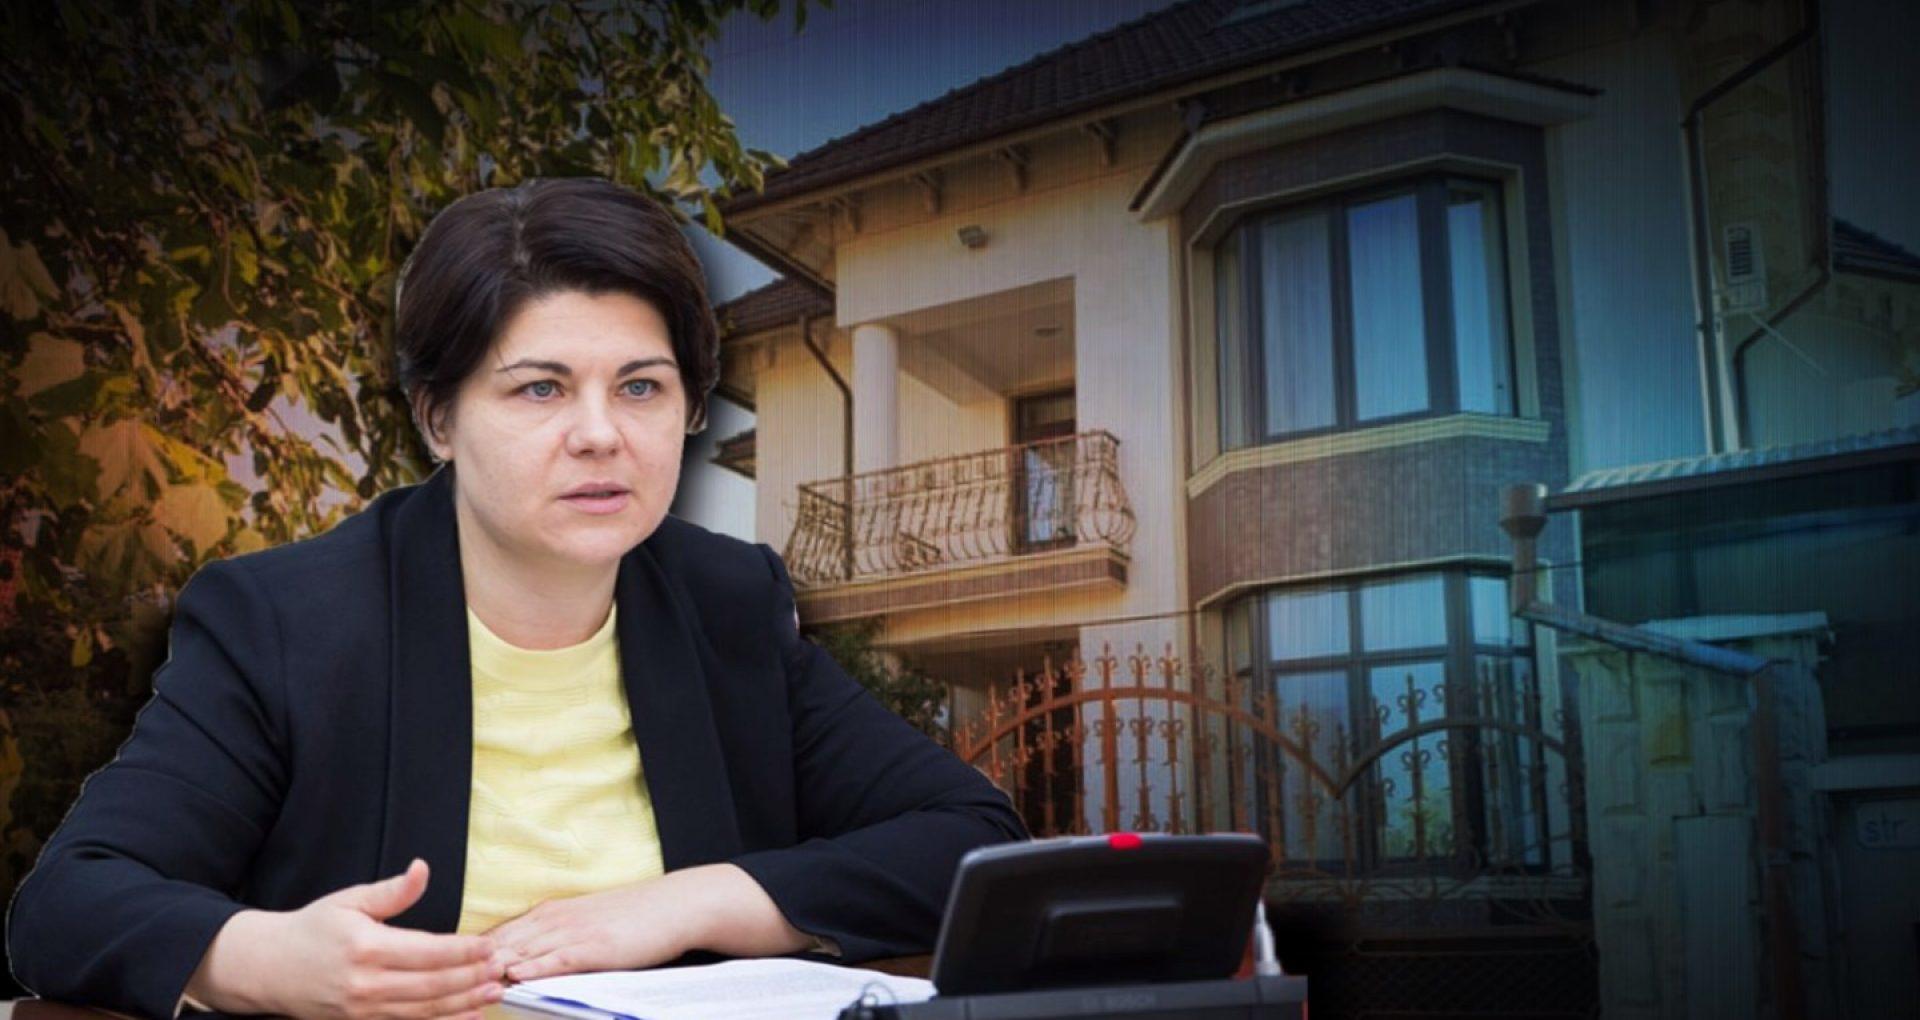 FOTO/ Casa nedeclarată în care locuiește prim-ministra Natalia Gavrilița. Explicațiile șefei Executivului și ce spune legea